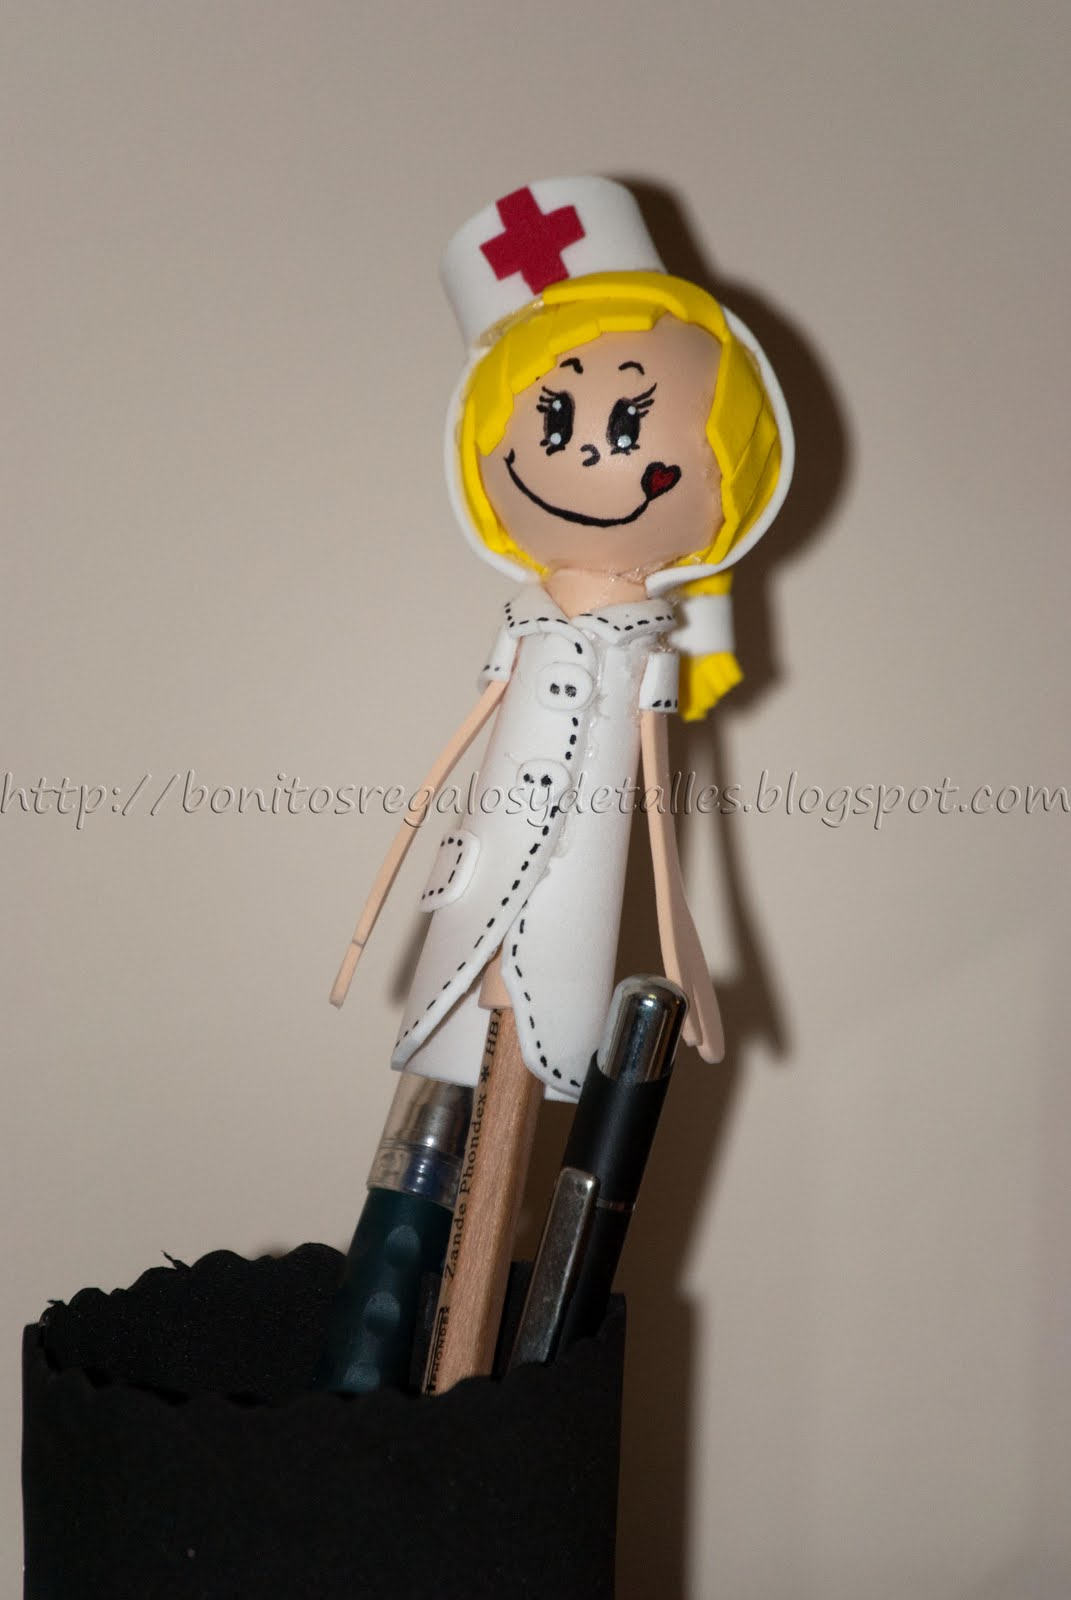 Bonitos regalos y detalles enfermera - Regalos para enfermeras ...